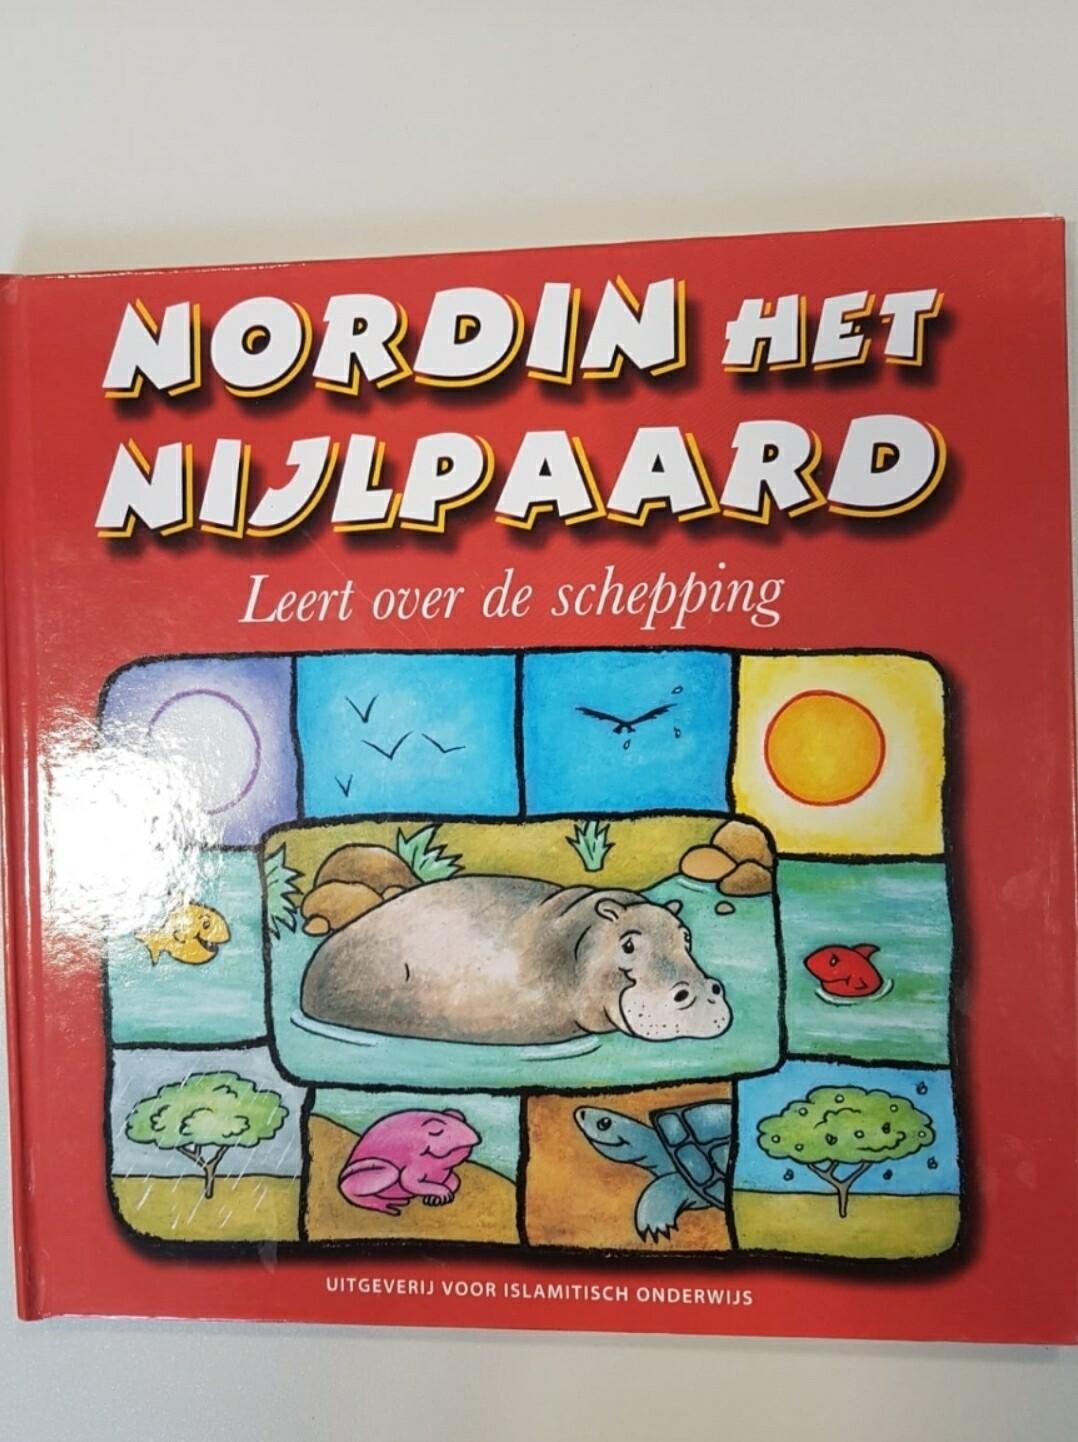 Nordin het nijlpaard leert over de schepping